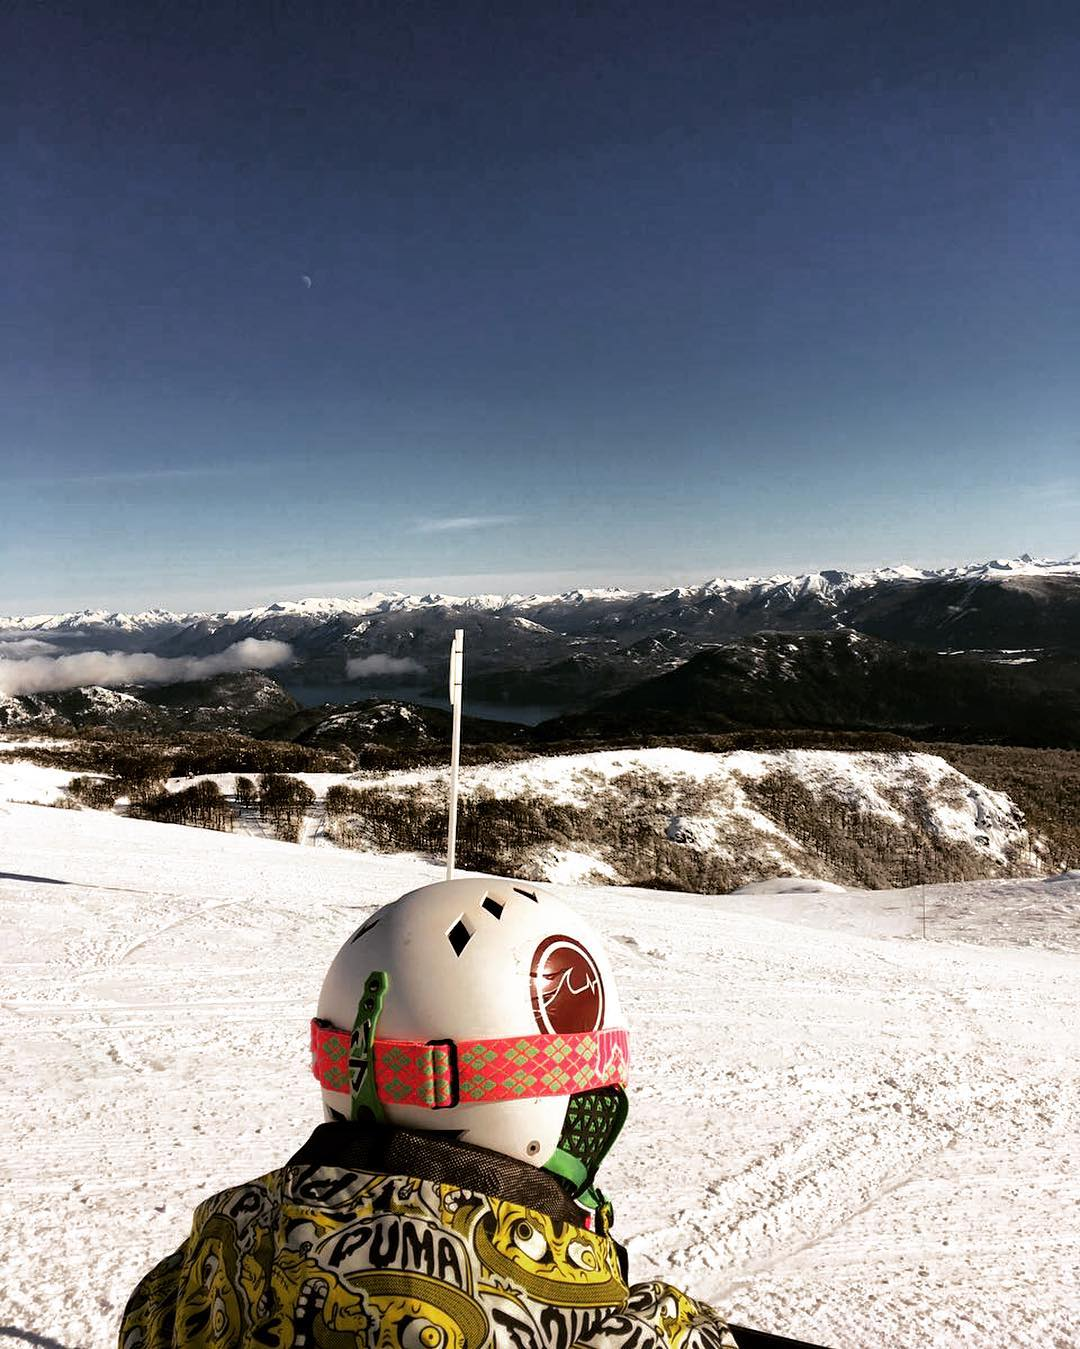 - Disfrutando la temporada en el Cerro con nuestros amigos de @soulmaxcollege - VISITANOS AL SHOWROOM! Pedir dirección por inbox. - Ventas: 1132387951 y www.underwavebrand.com - #FeelIt - Próximamente carrito de compras